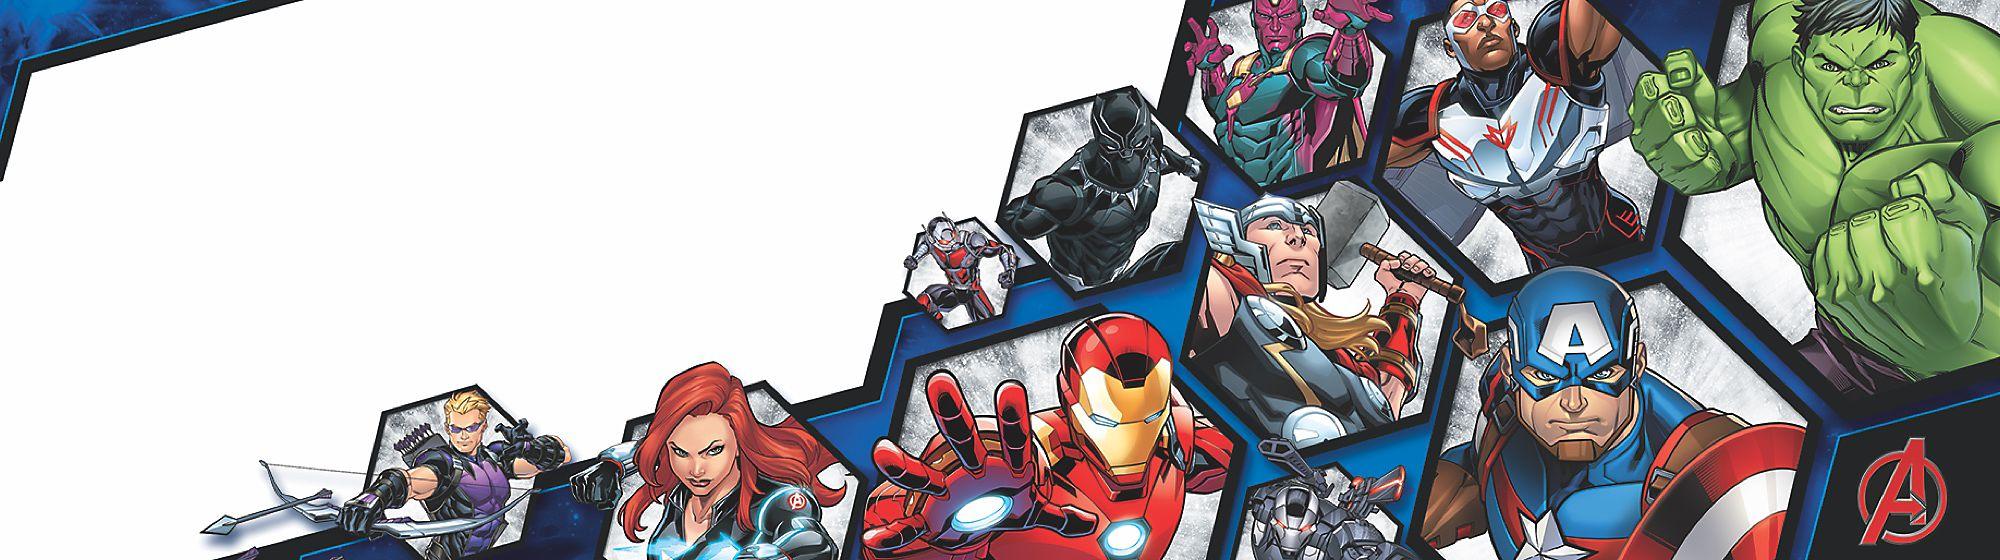 Marvel Sei fan dei personaggi Marvel? Scopri la nostra linea di prodotti esclusivi dedicati agli appassionati dell'Universo Marvel, tra cui giocattoli, costumi, abbigliamento e altro ancora